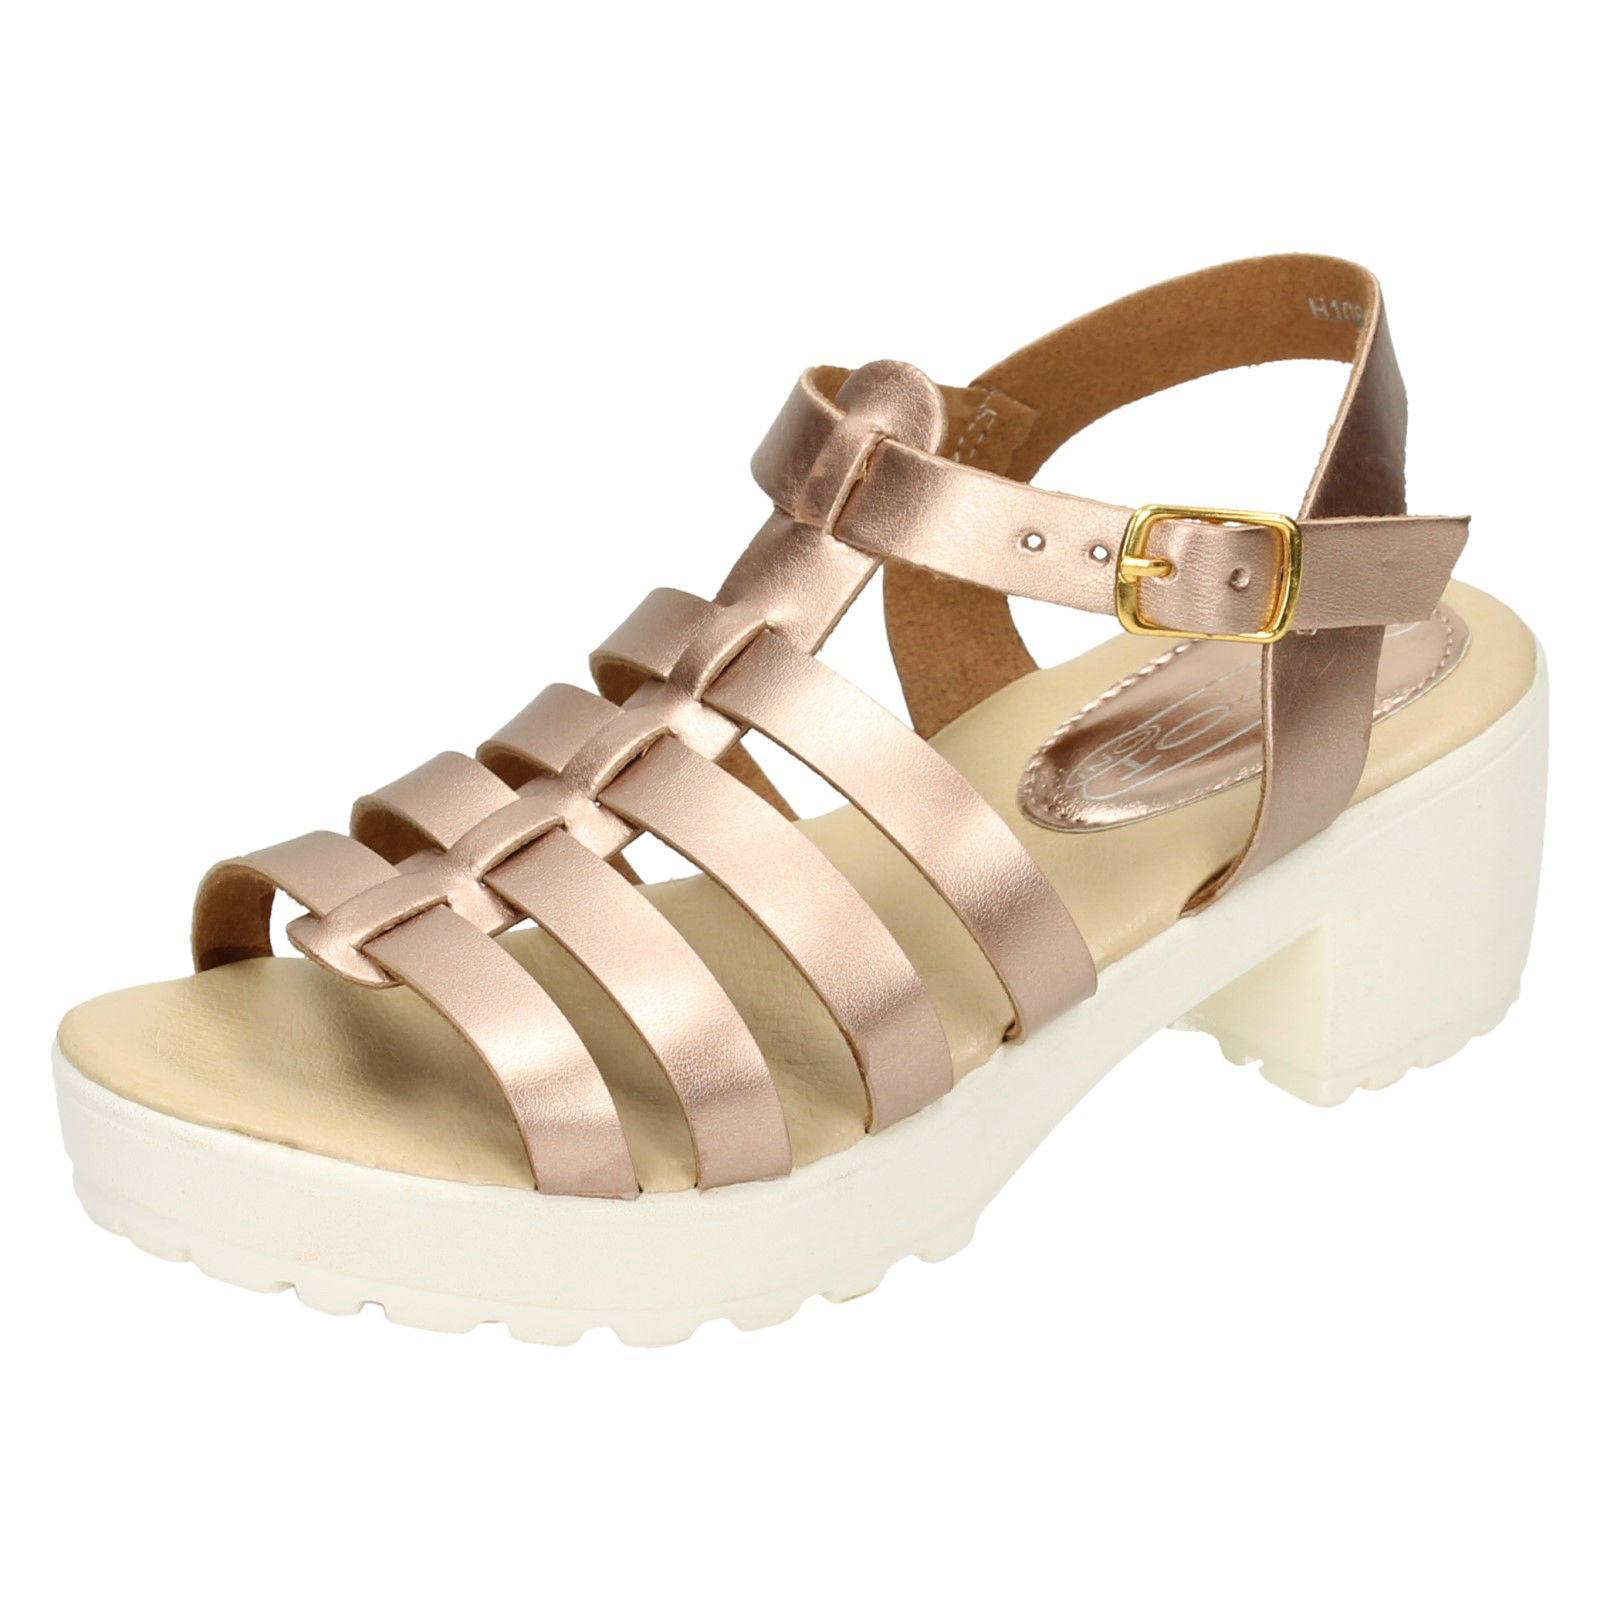 Chicas Rosa Con Correas Plataforma Verano Playa Para Niños Sandalias Zapatos Tallas 10-2